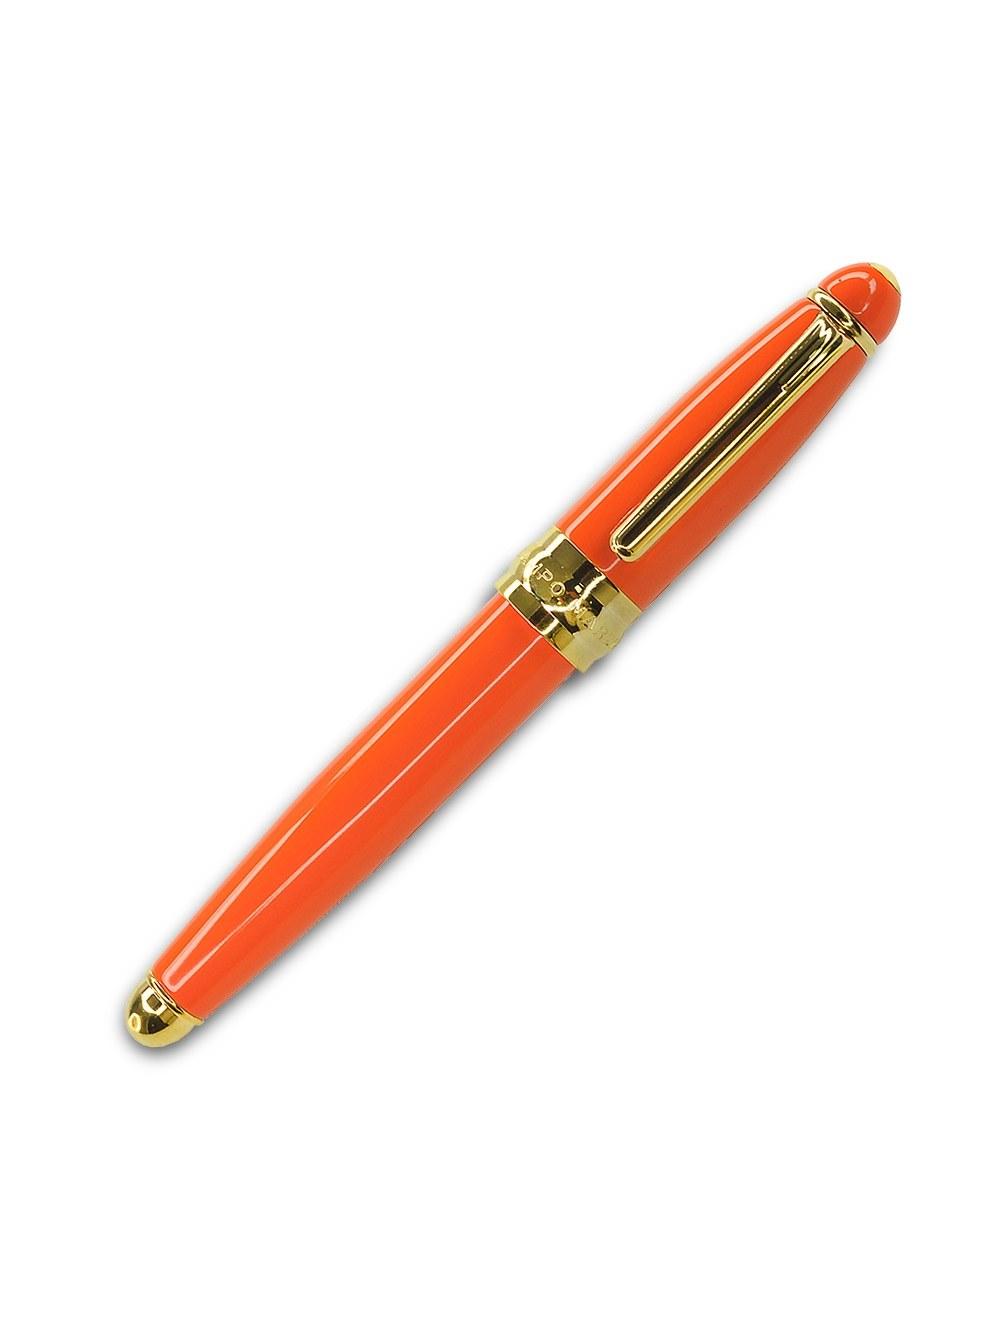 Minny Fountain Pen - Mandarin